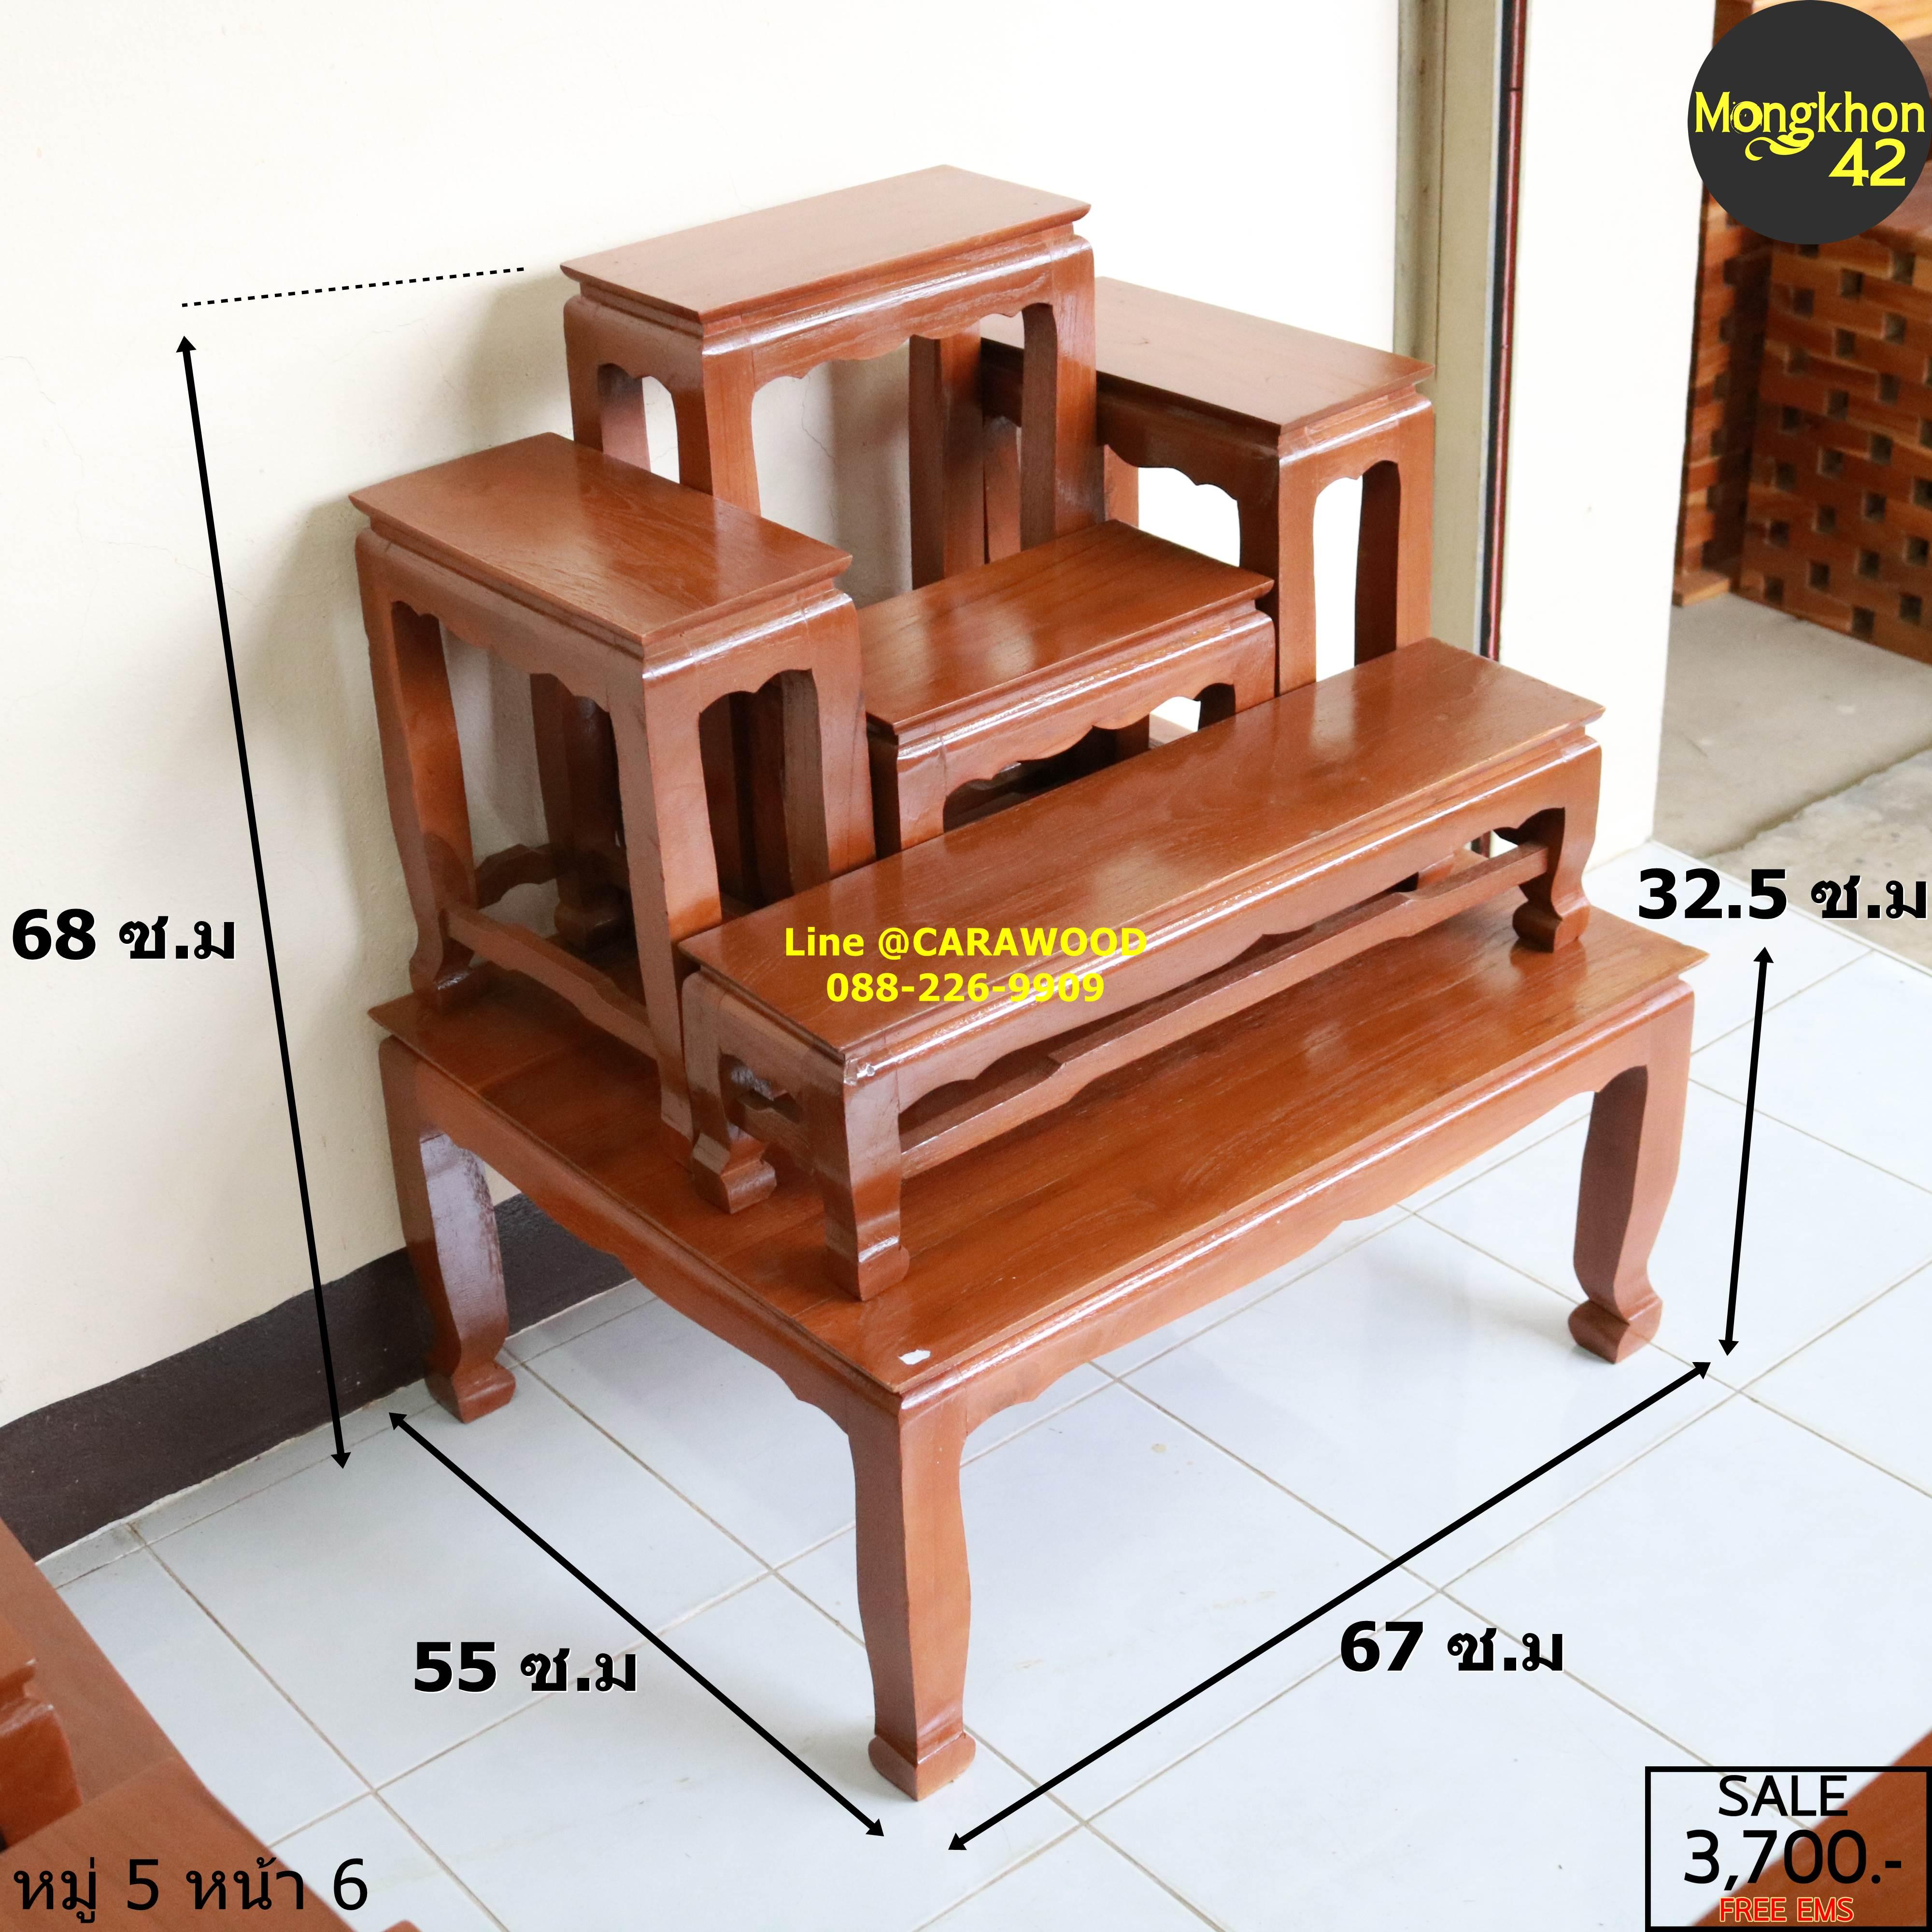 โต๊ะหมู่บูชา หมู่5 หน้า 6 ไม้สักทอง สีธรรมชาติ